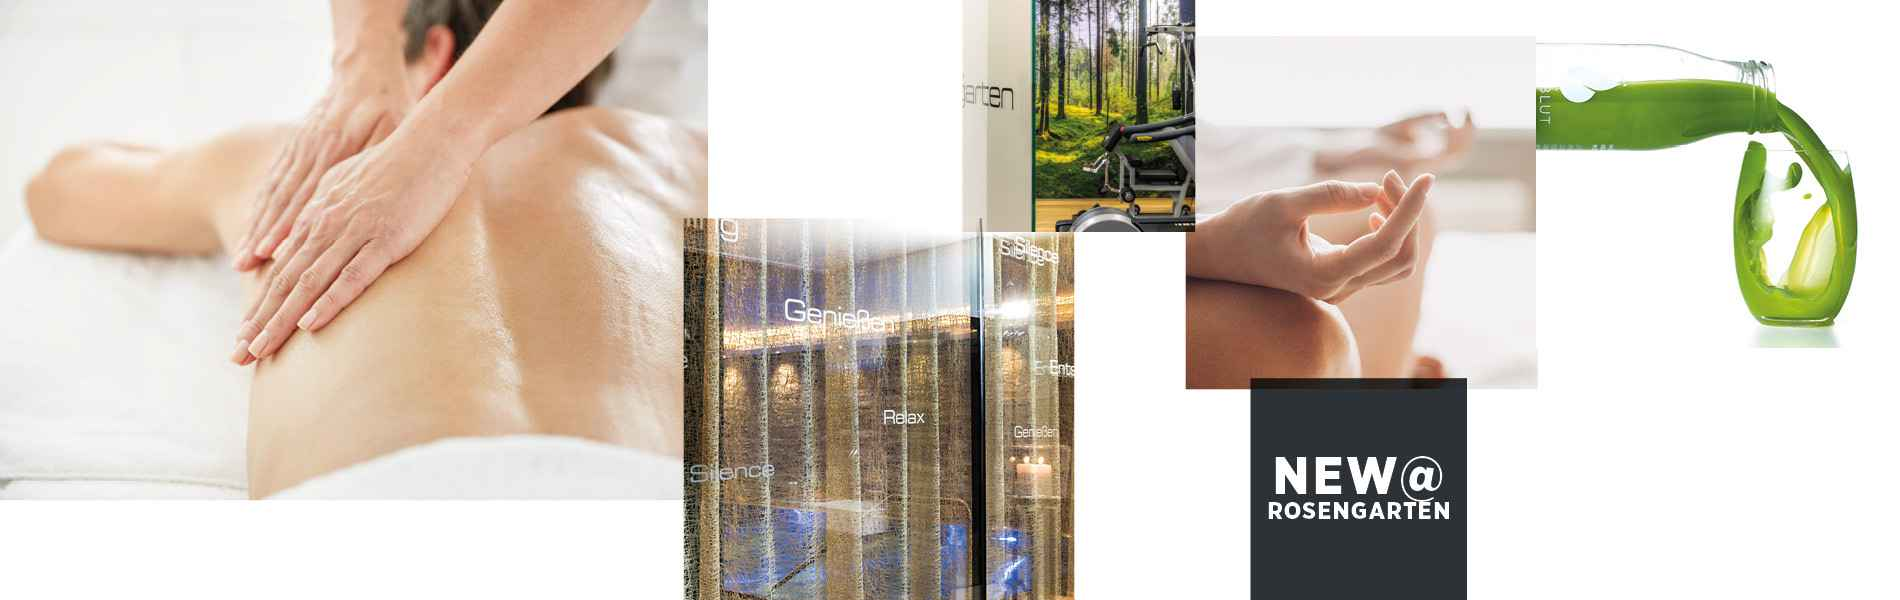 5 Elemente & TCM – Ihr Health boost Alpine Elements 5-Sterne-Hotel Rosengarten in Kirchberg Tirol Austria Detox